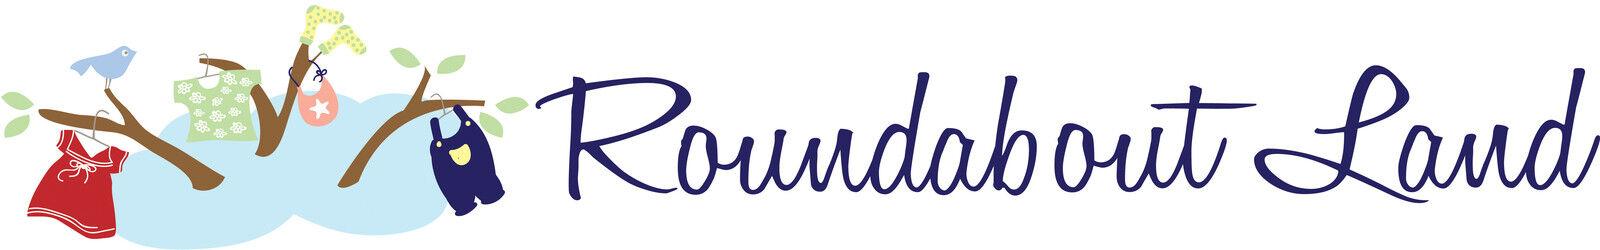 Roundabout Land